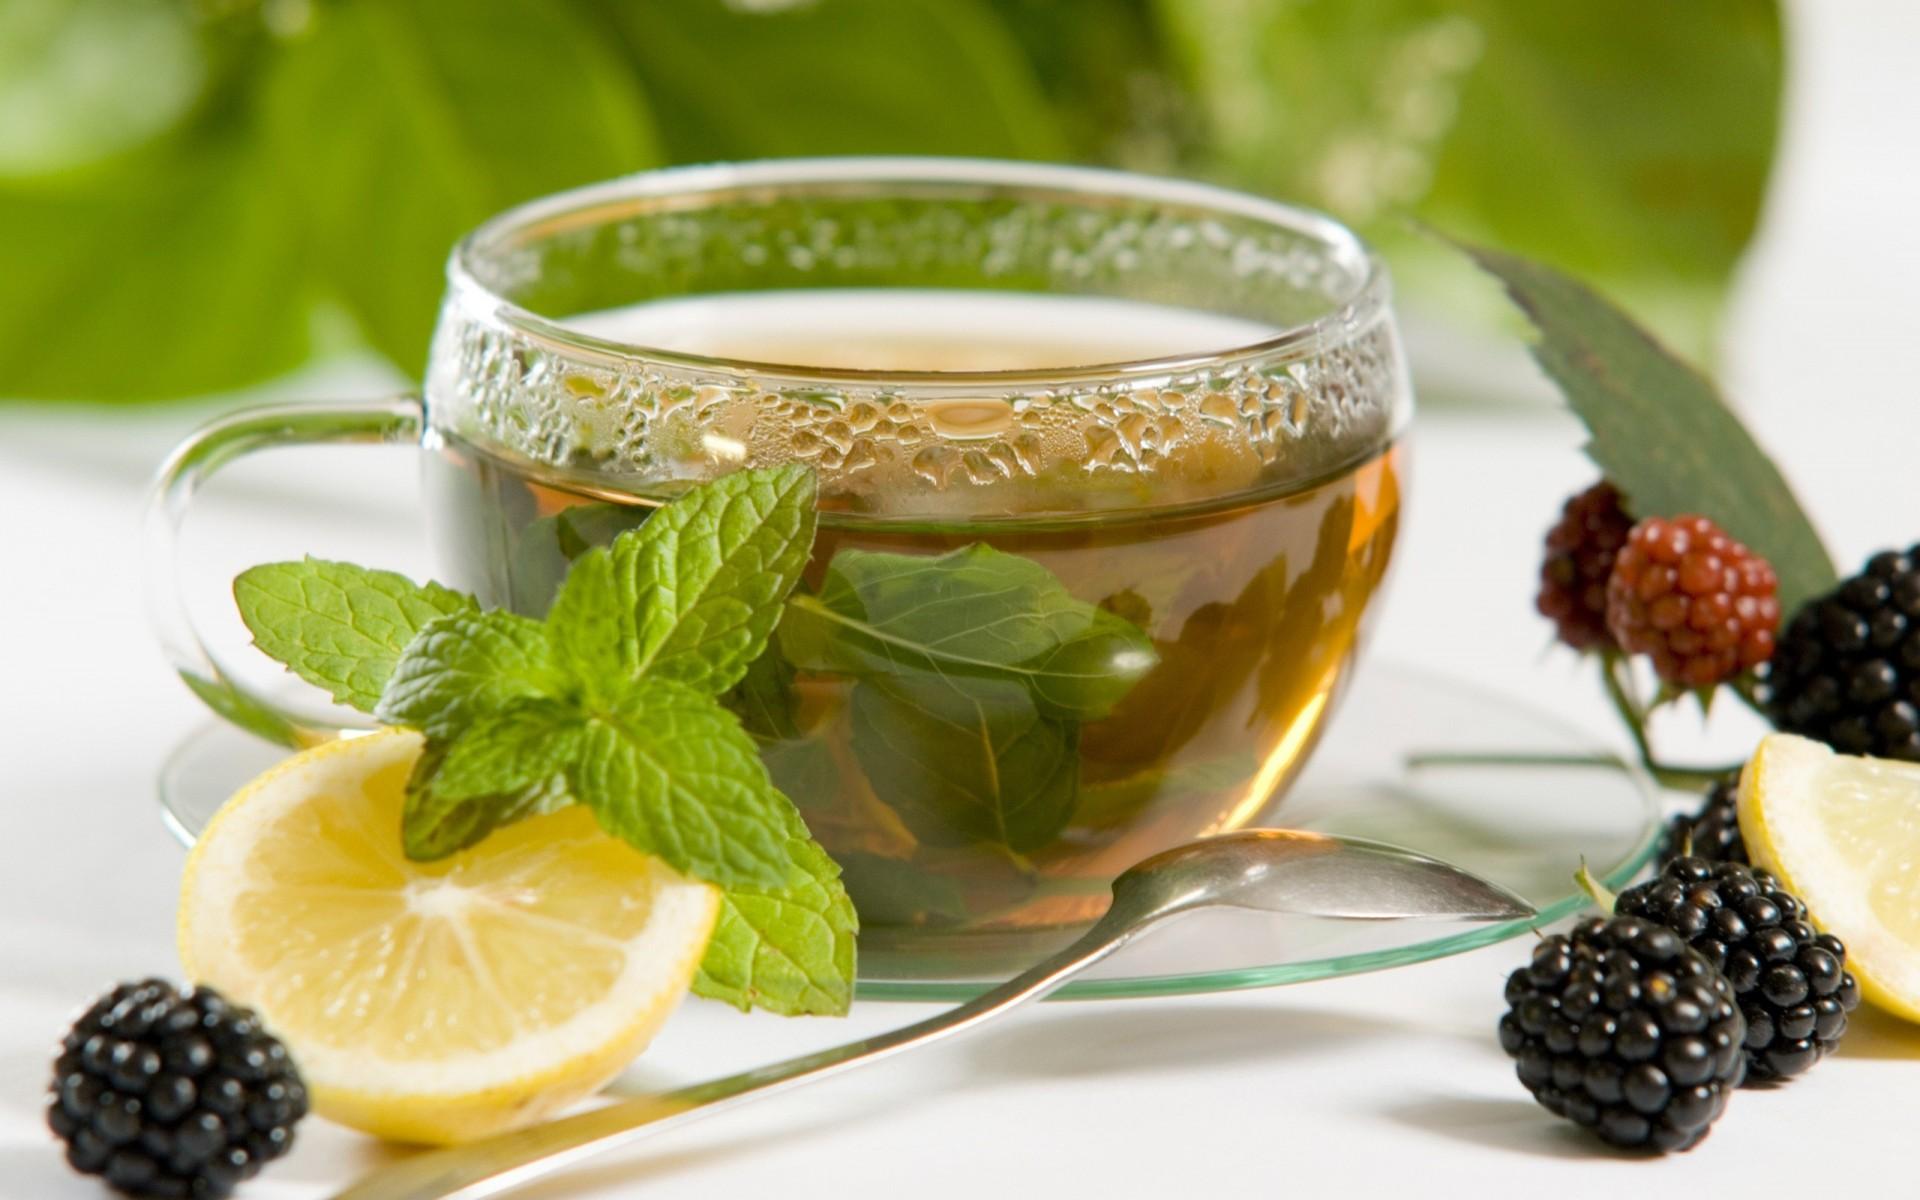 4 продукта, с которыми нельзя пить чай и вот почему